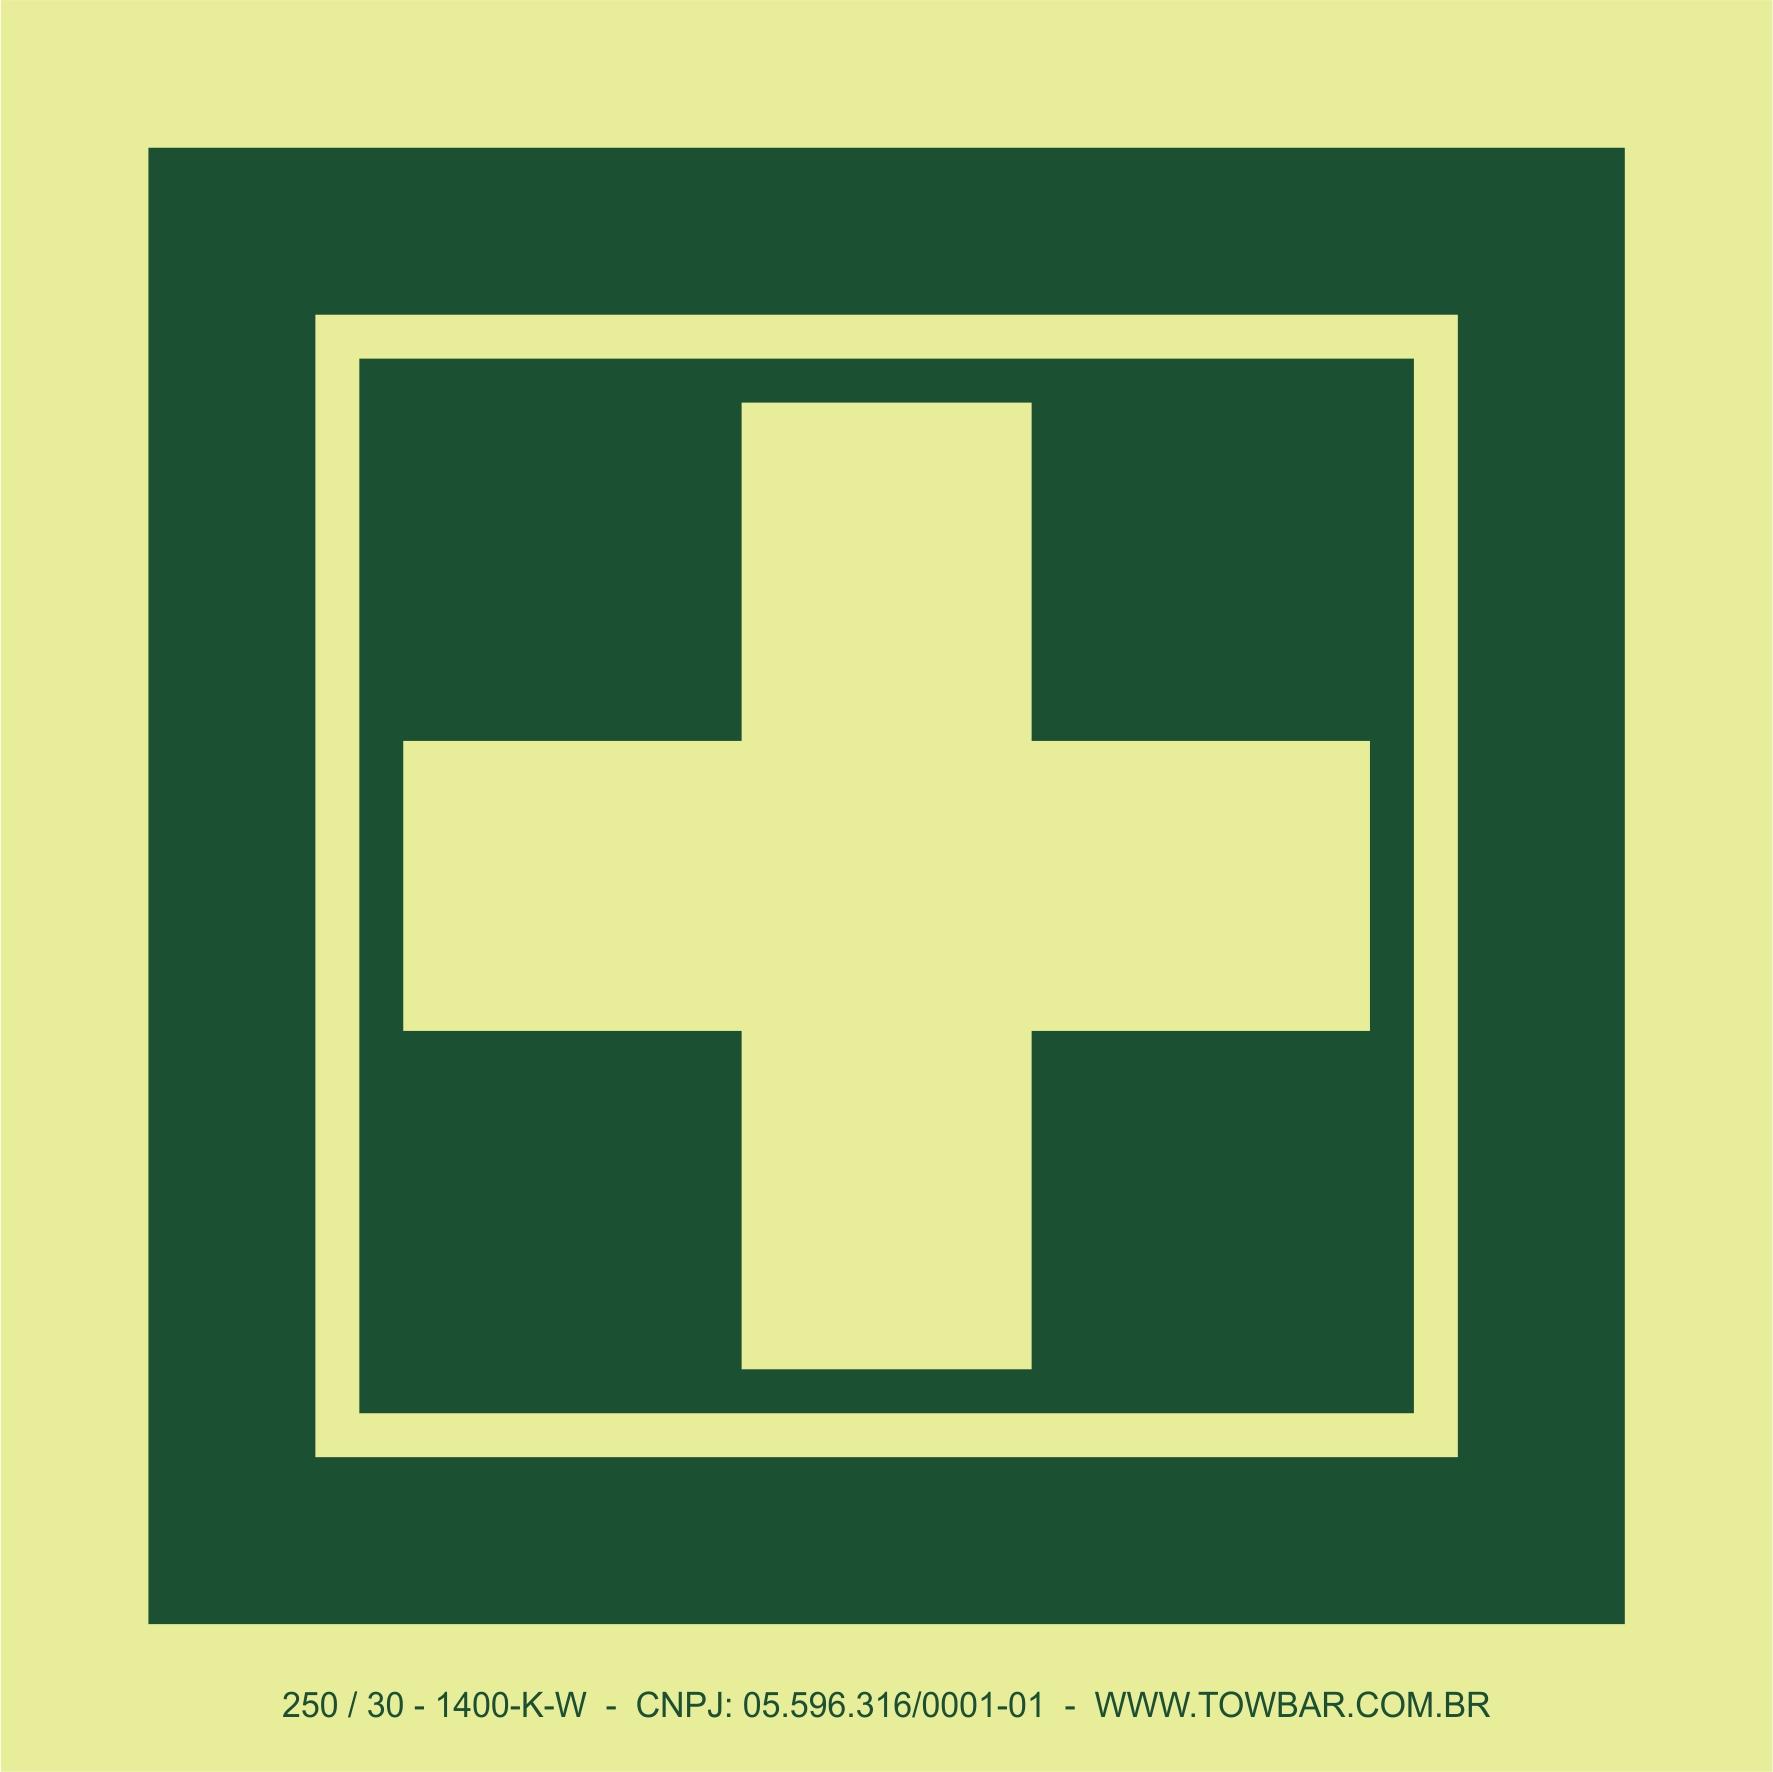 First Aid Box  - Towbar Sinalização de Segurança